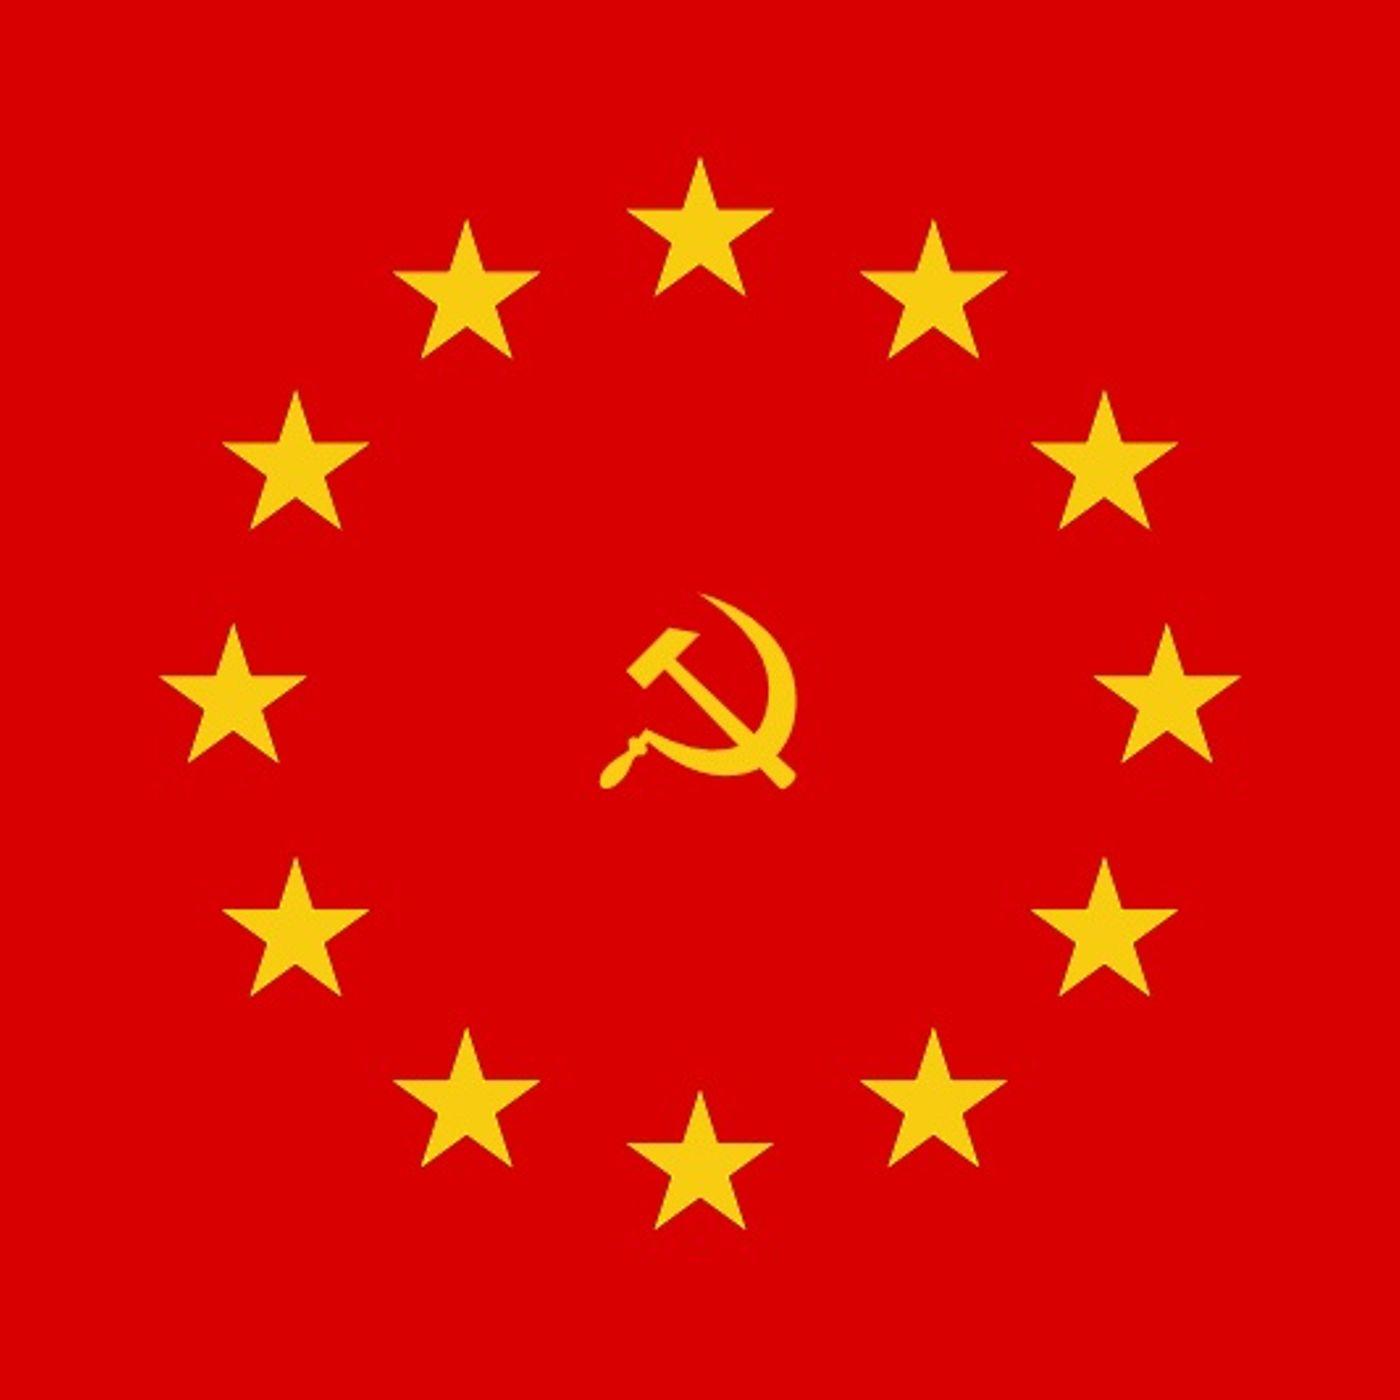 Ma alla fine 'sti comunisti so' fascisti? L'UE risponde...